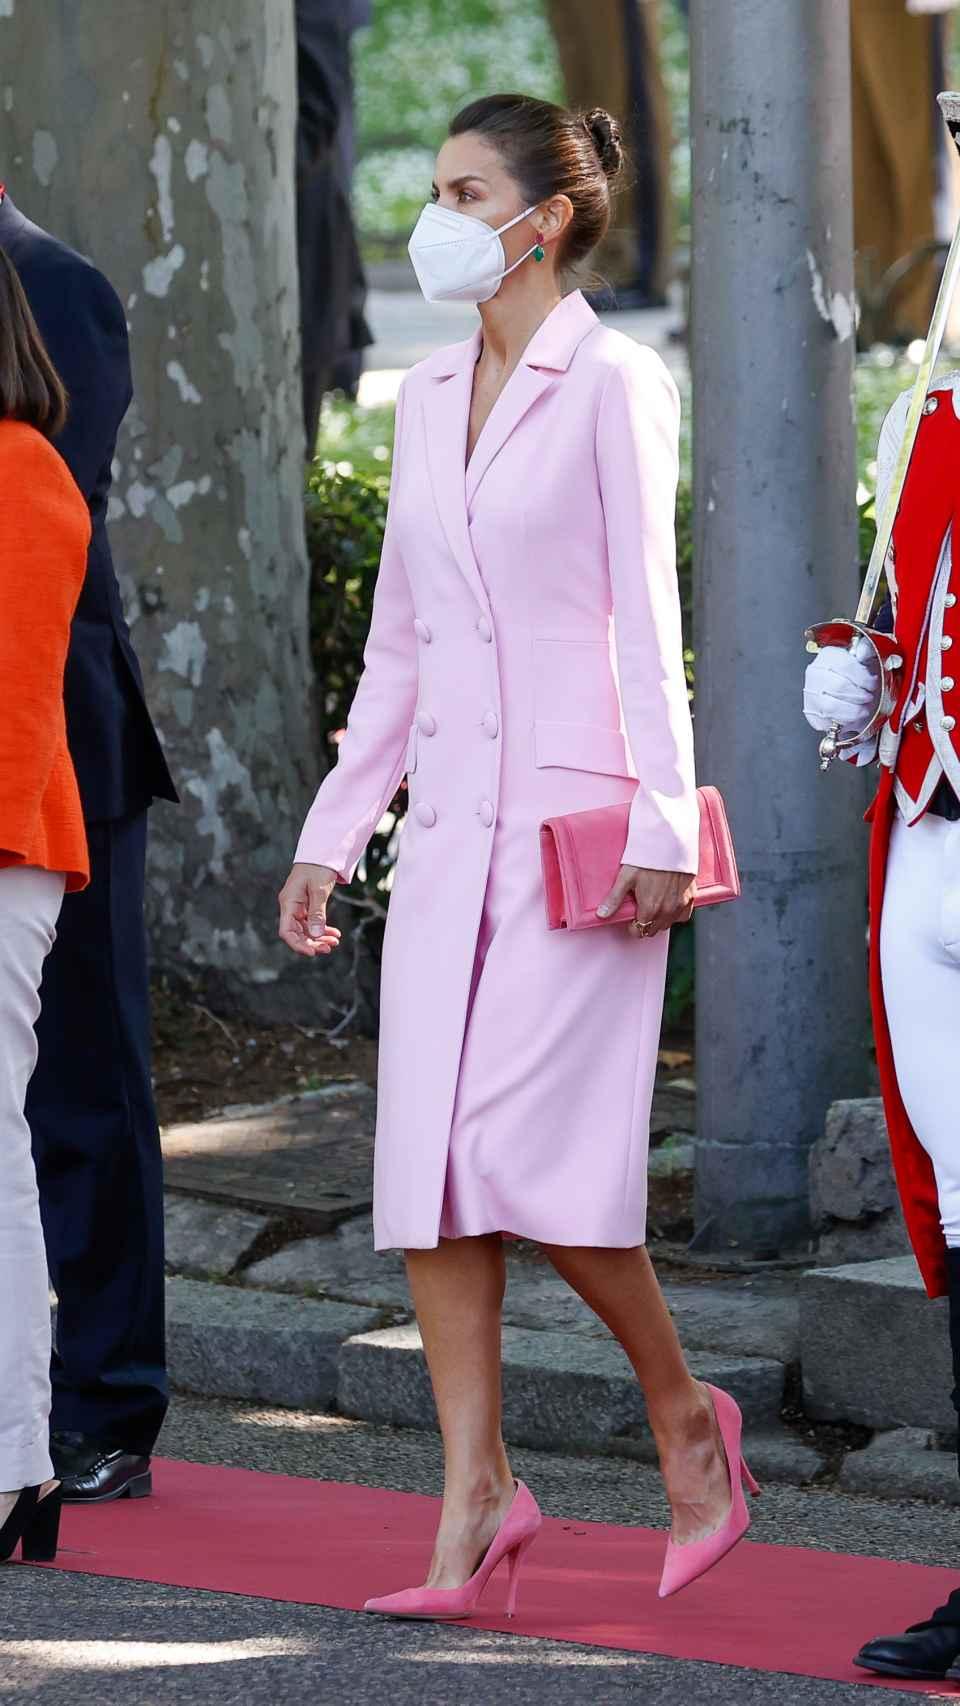 El 'outfit' que ha escogido la Reina para el Día de las Fuerzas Armadas.